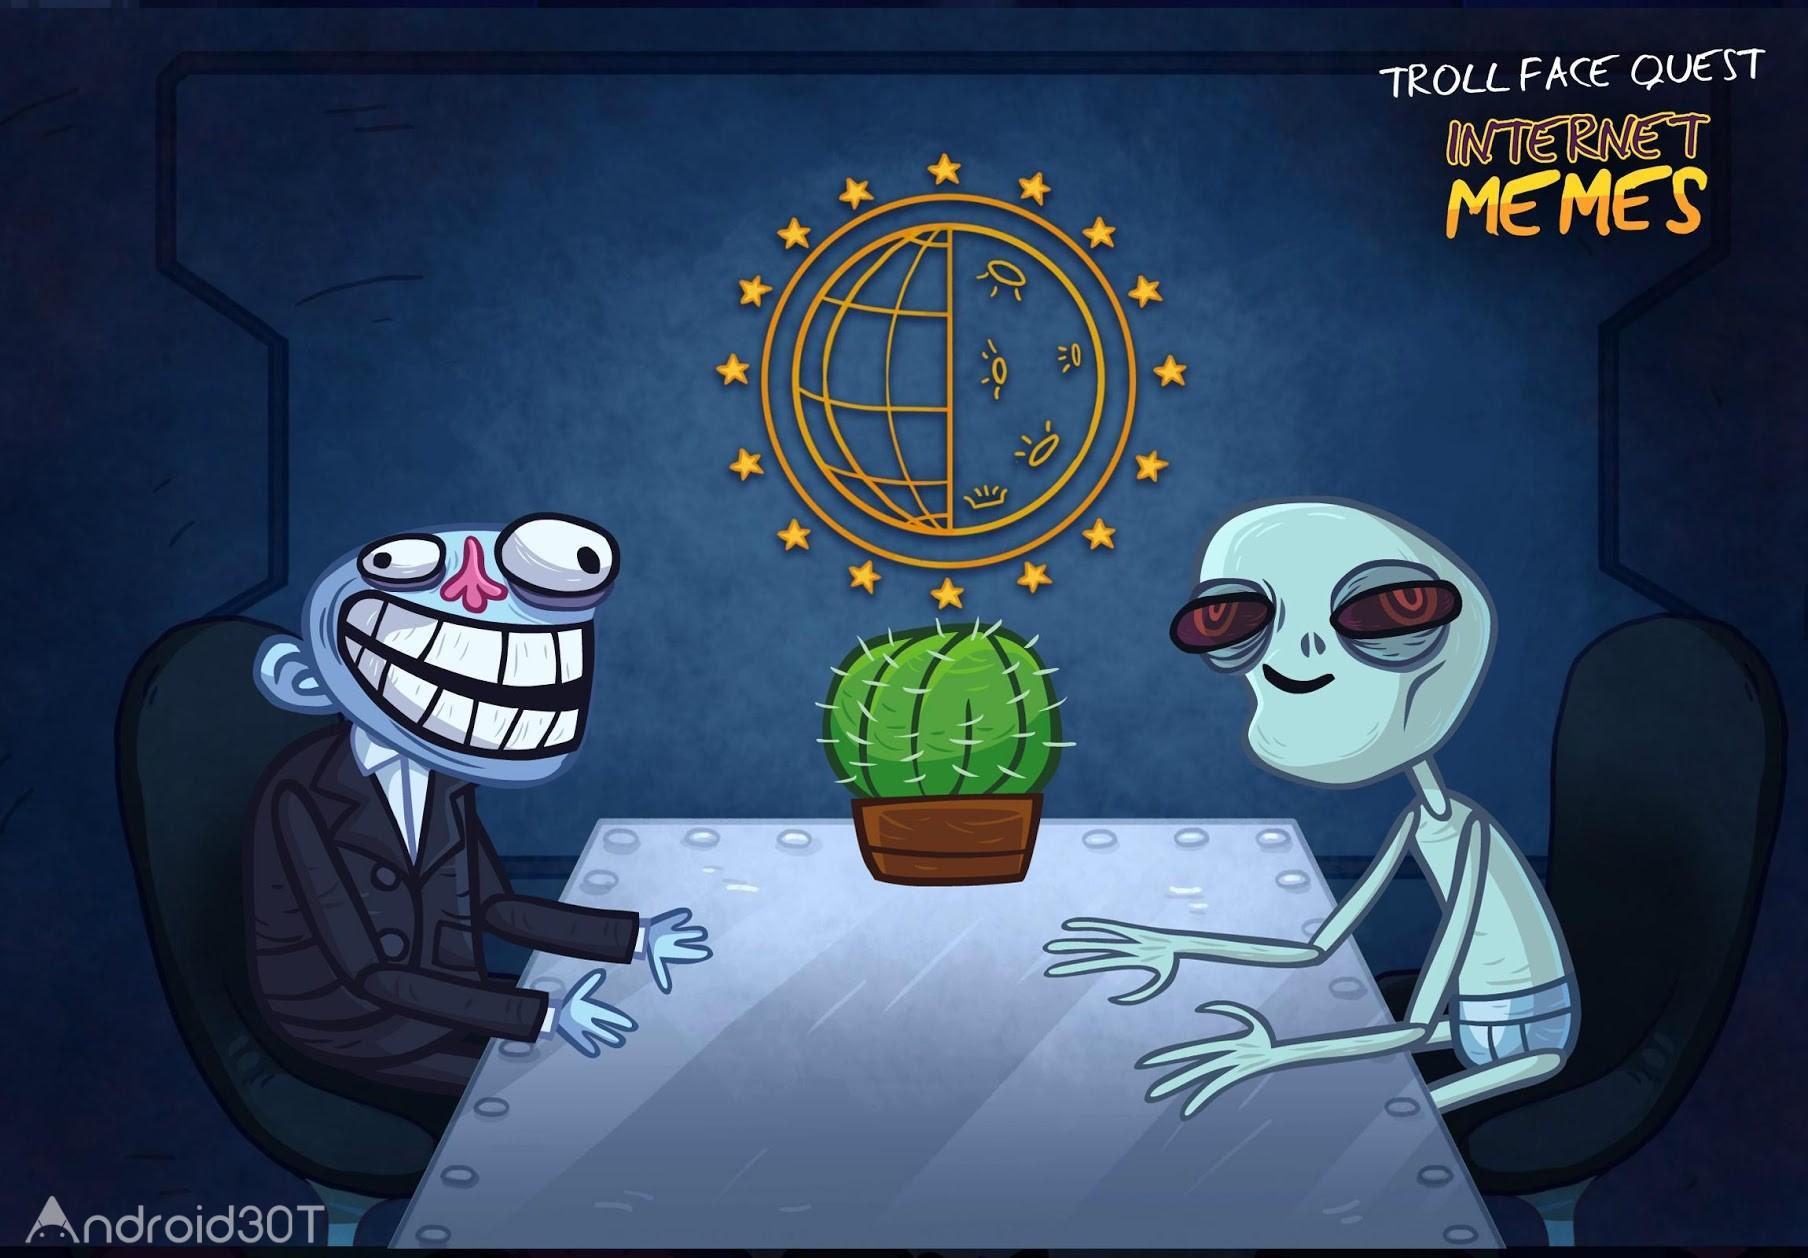 دانلود Troll Face Quest Internet Memes 1.9.0 – بازی پازلی شخصیت های ترولی اندروید